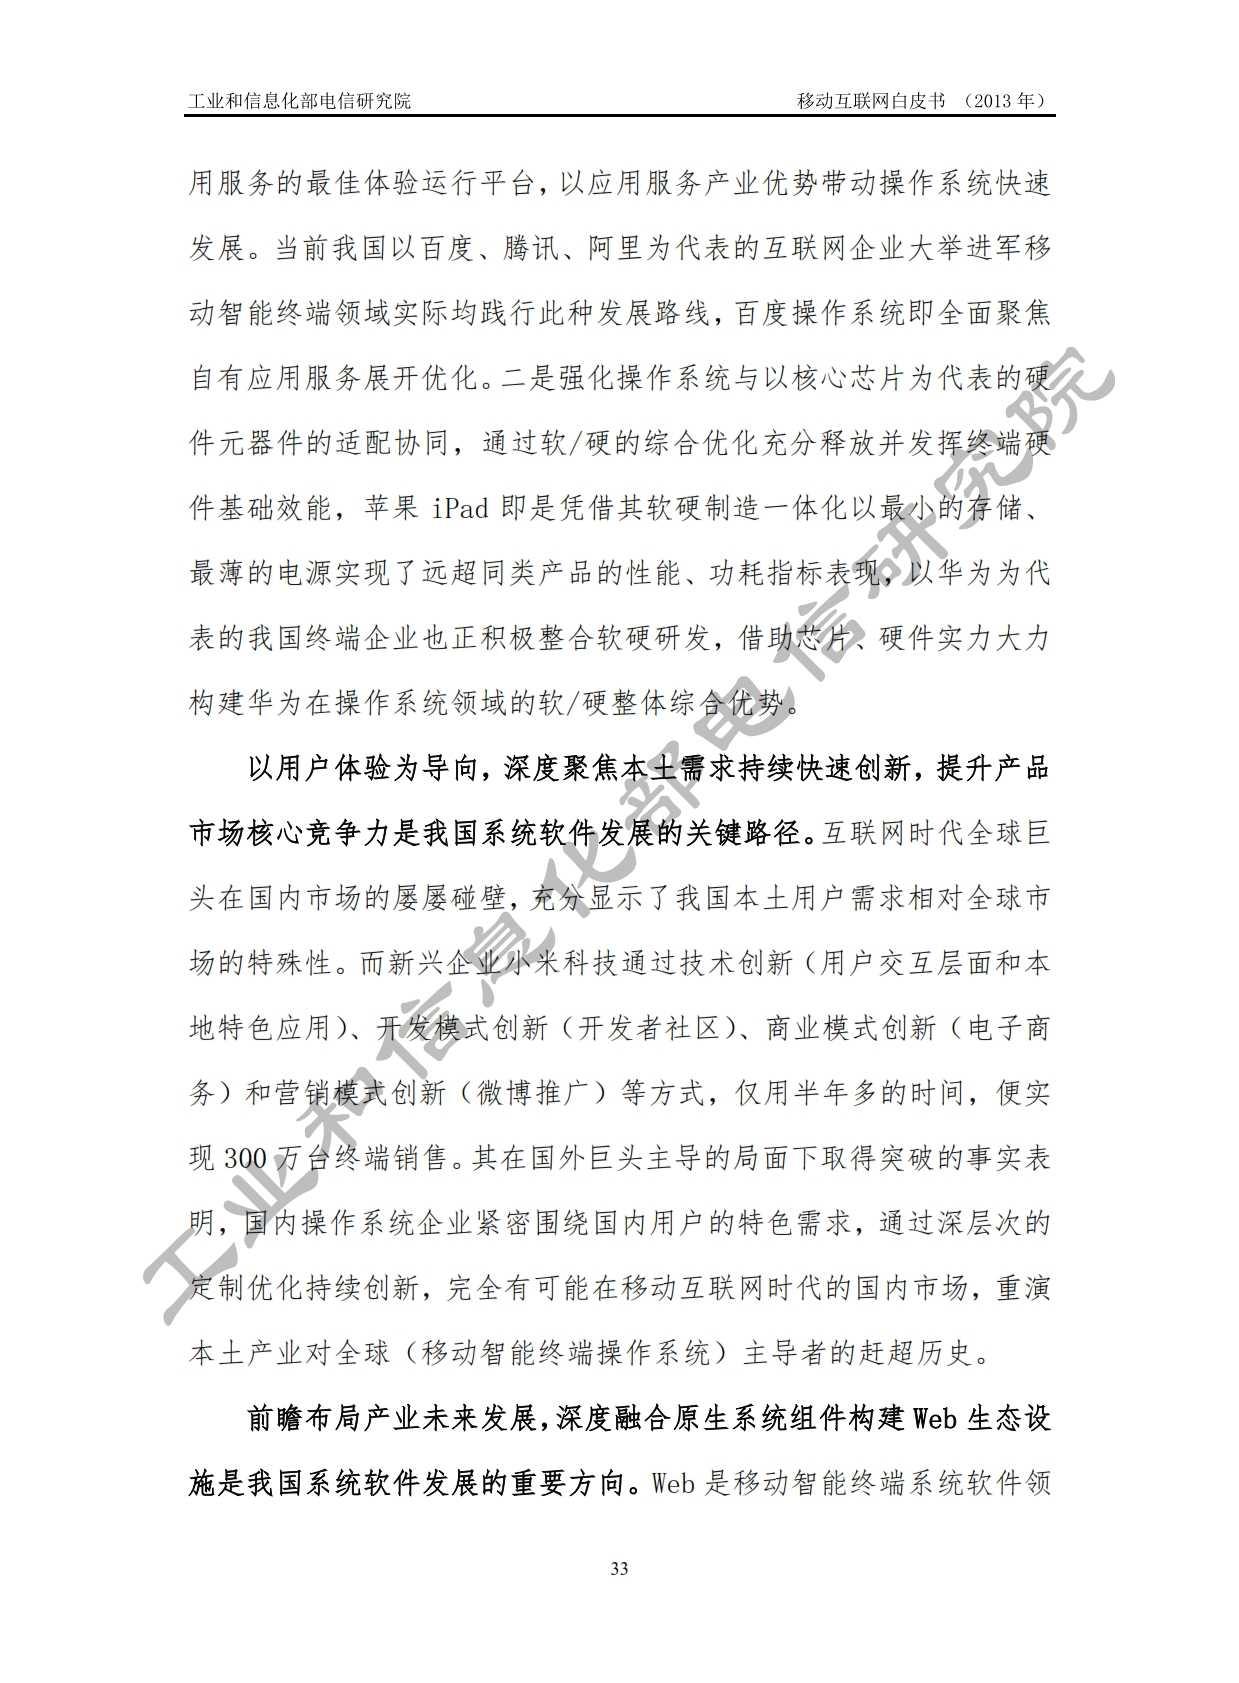 工信部:2013年中国移动互联网白皮书_037